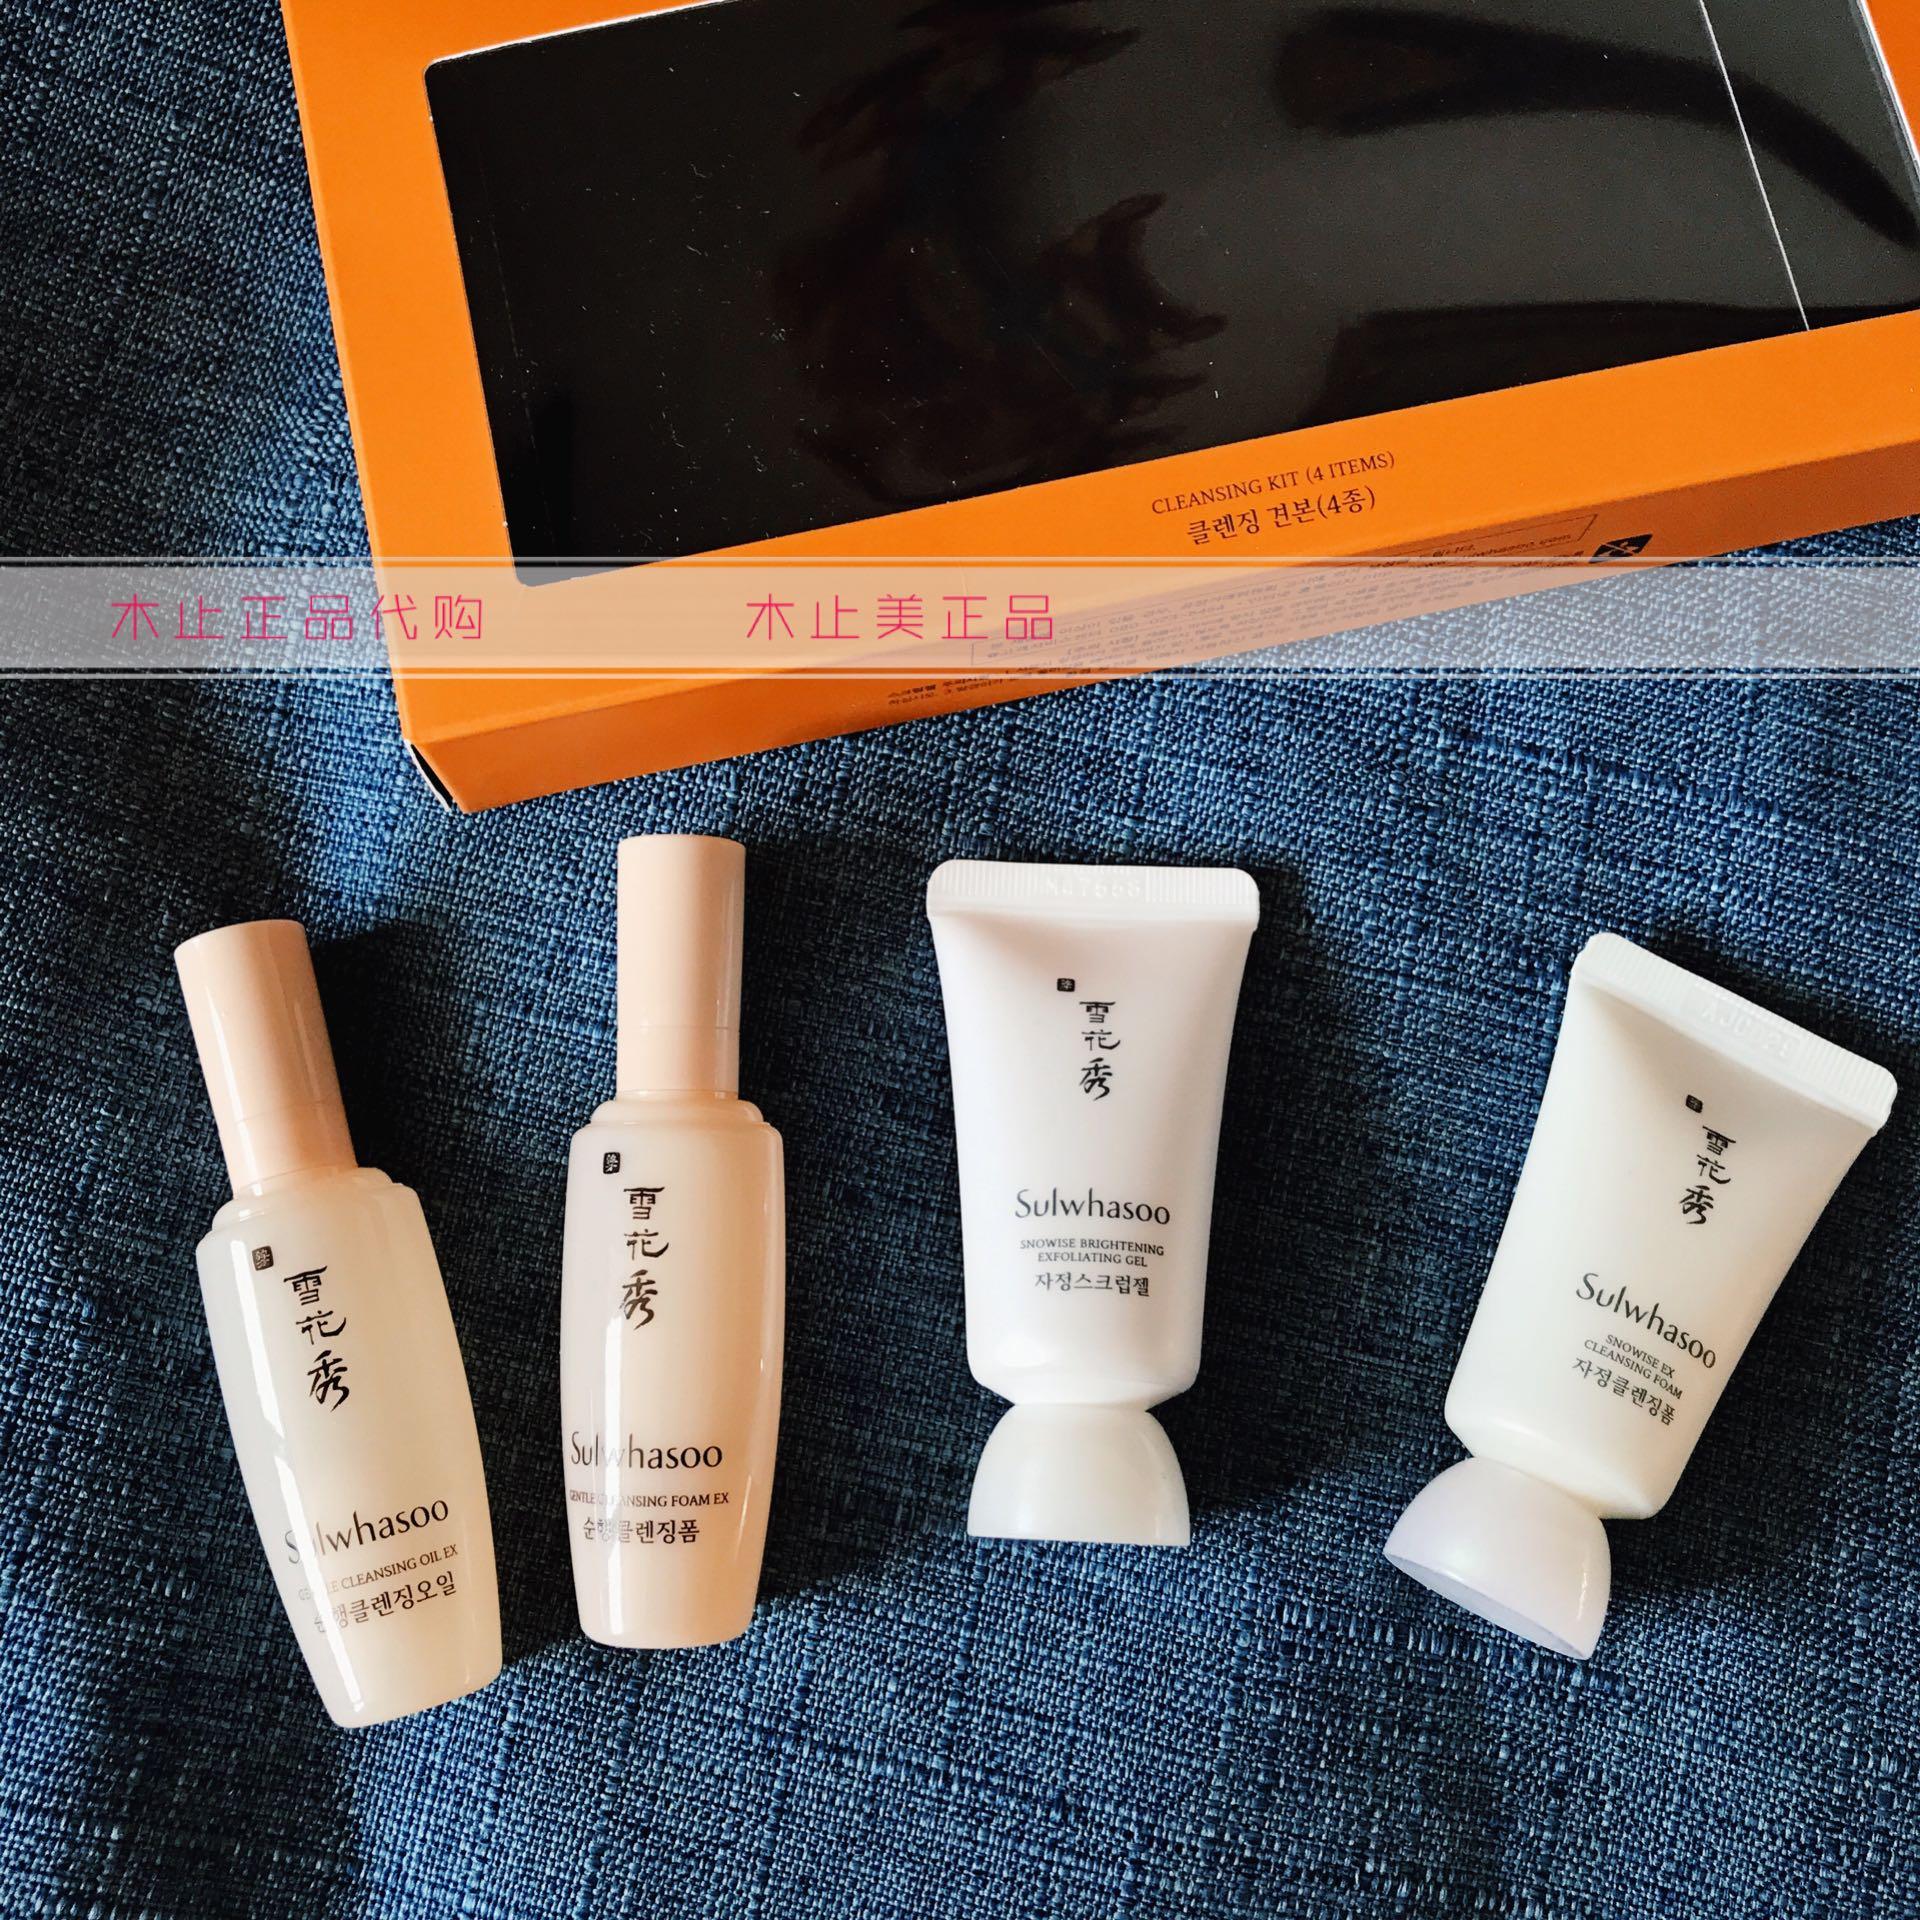 韩国专柜雪花秀清洁四件套中样15ml洗面奶卸妆油 滋润美白保湿